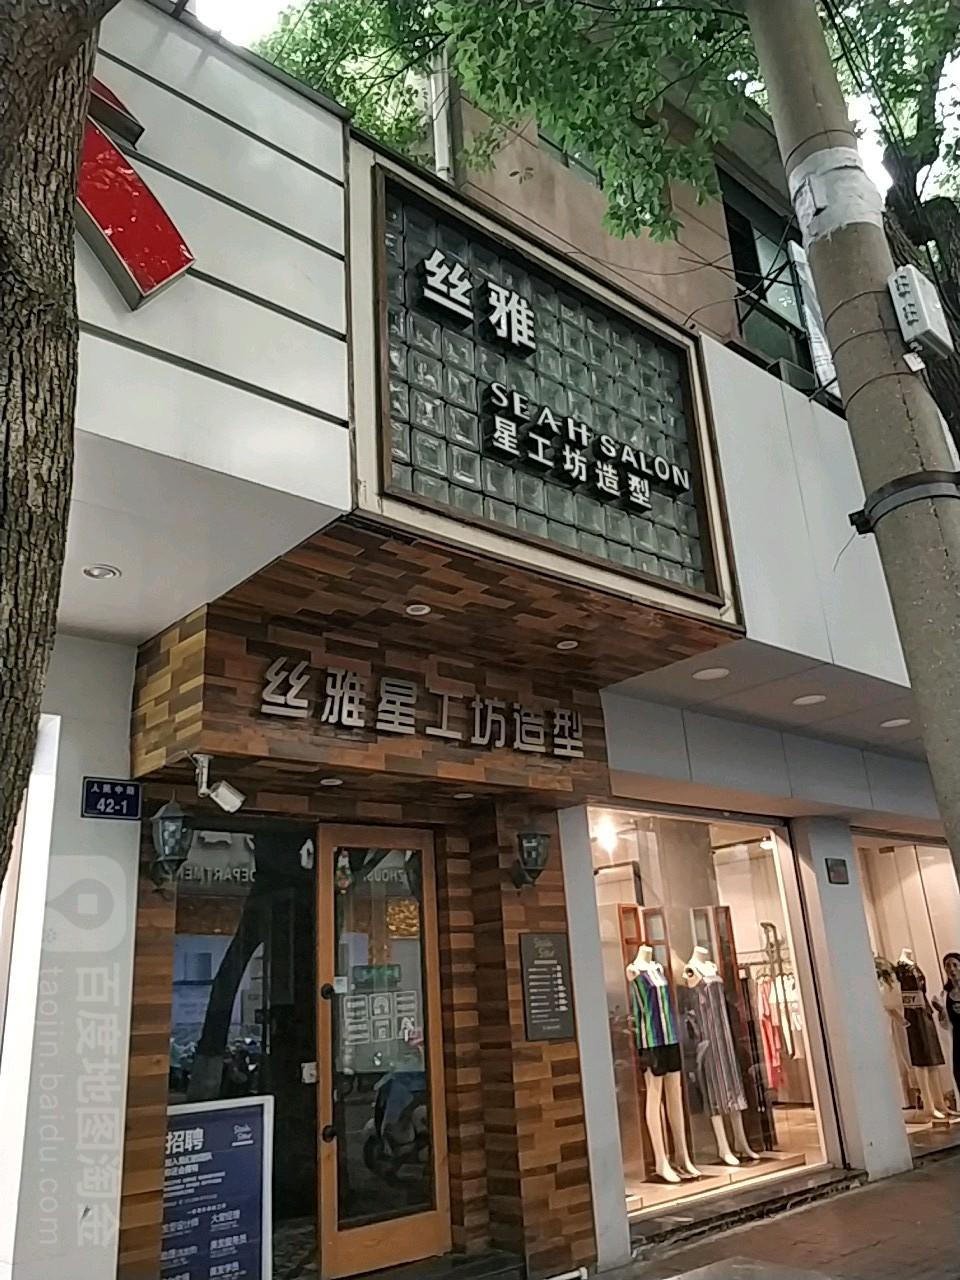 丝雅星工坊(一百店)图片